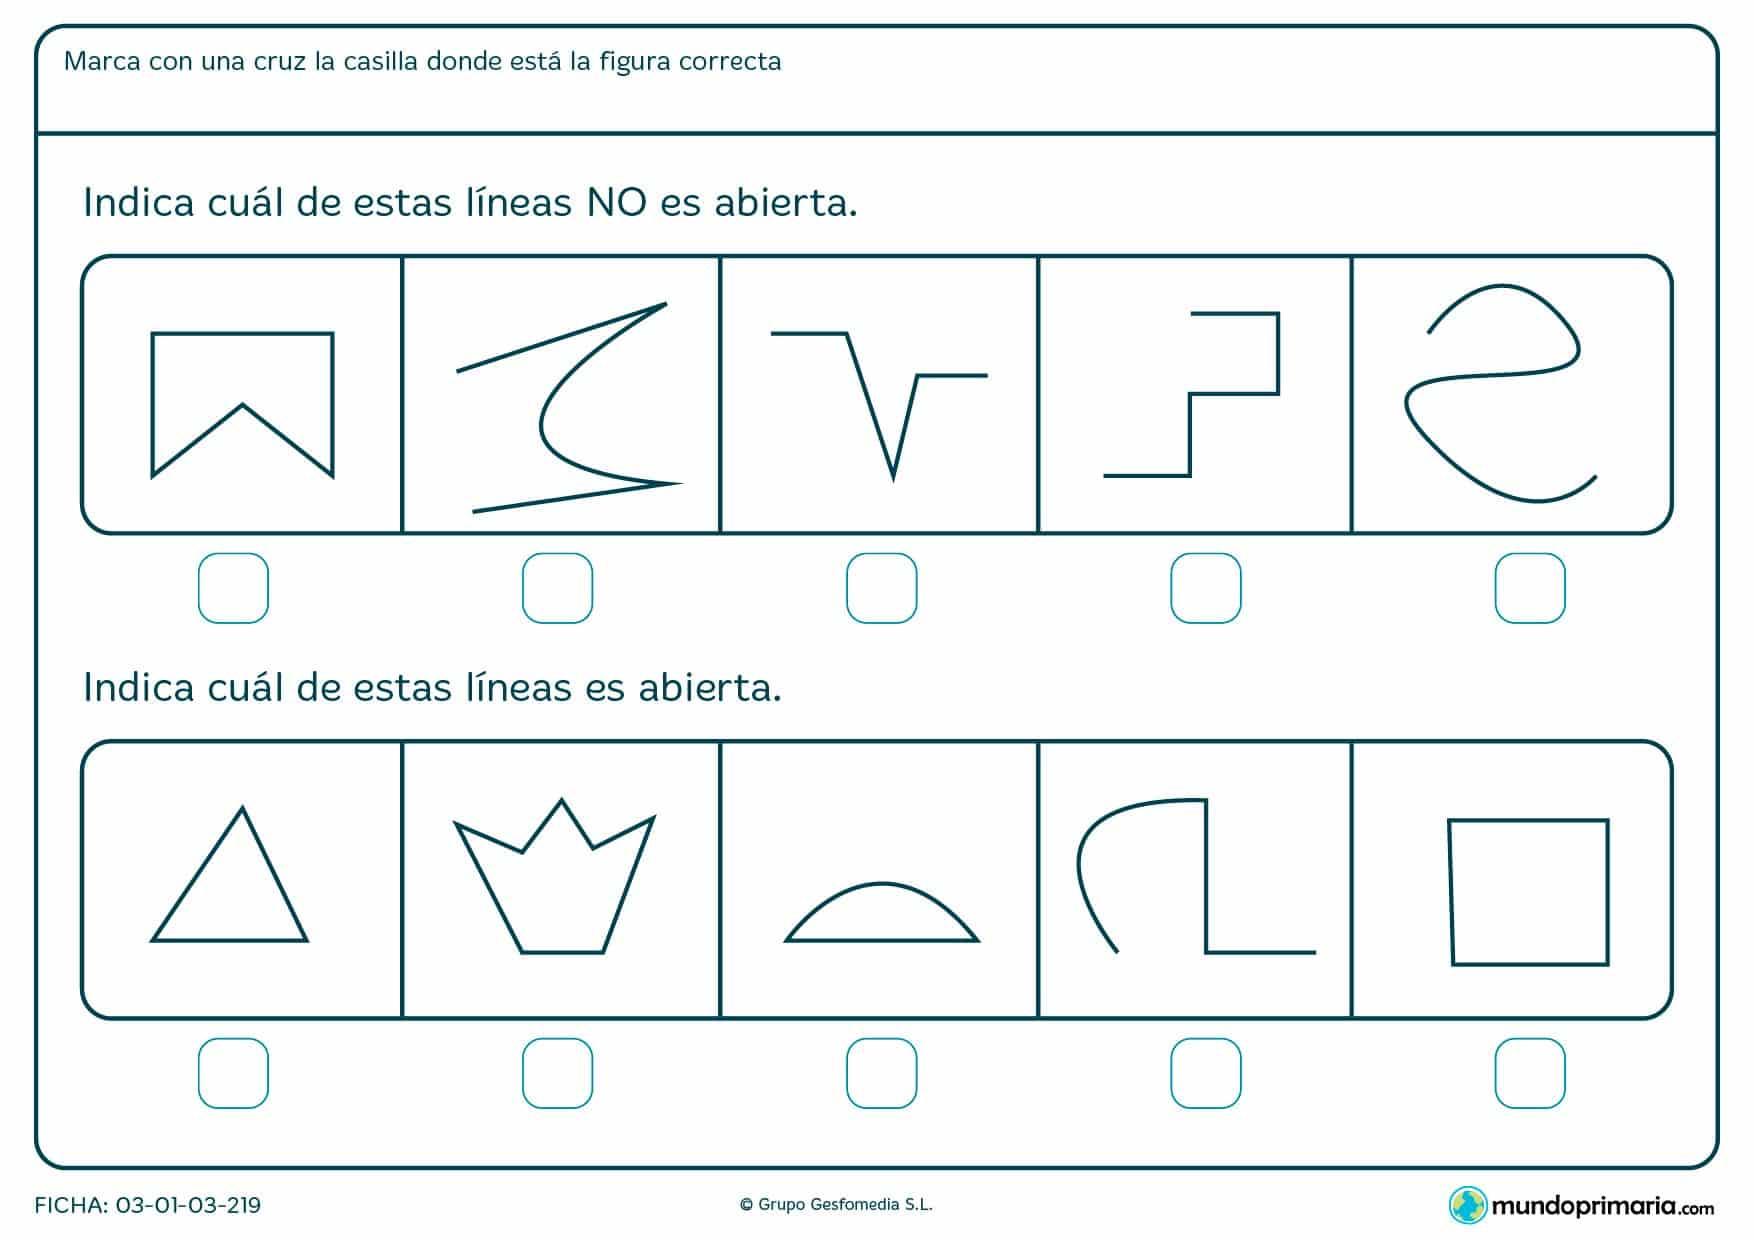 Ficha de objetos cerrados en el que hay que indicar cuál es la respuesta correcta de las opciones proporcionadas.